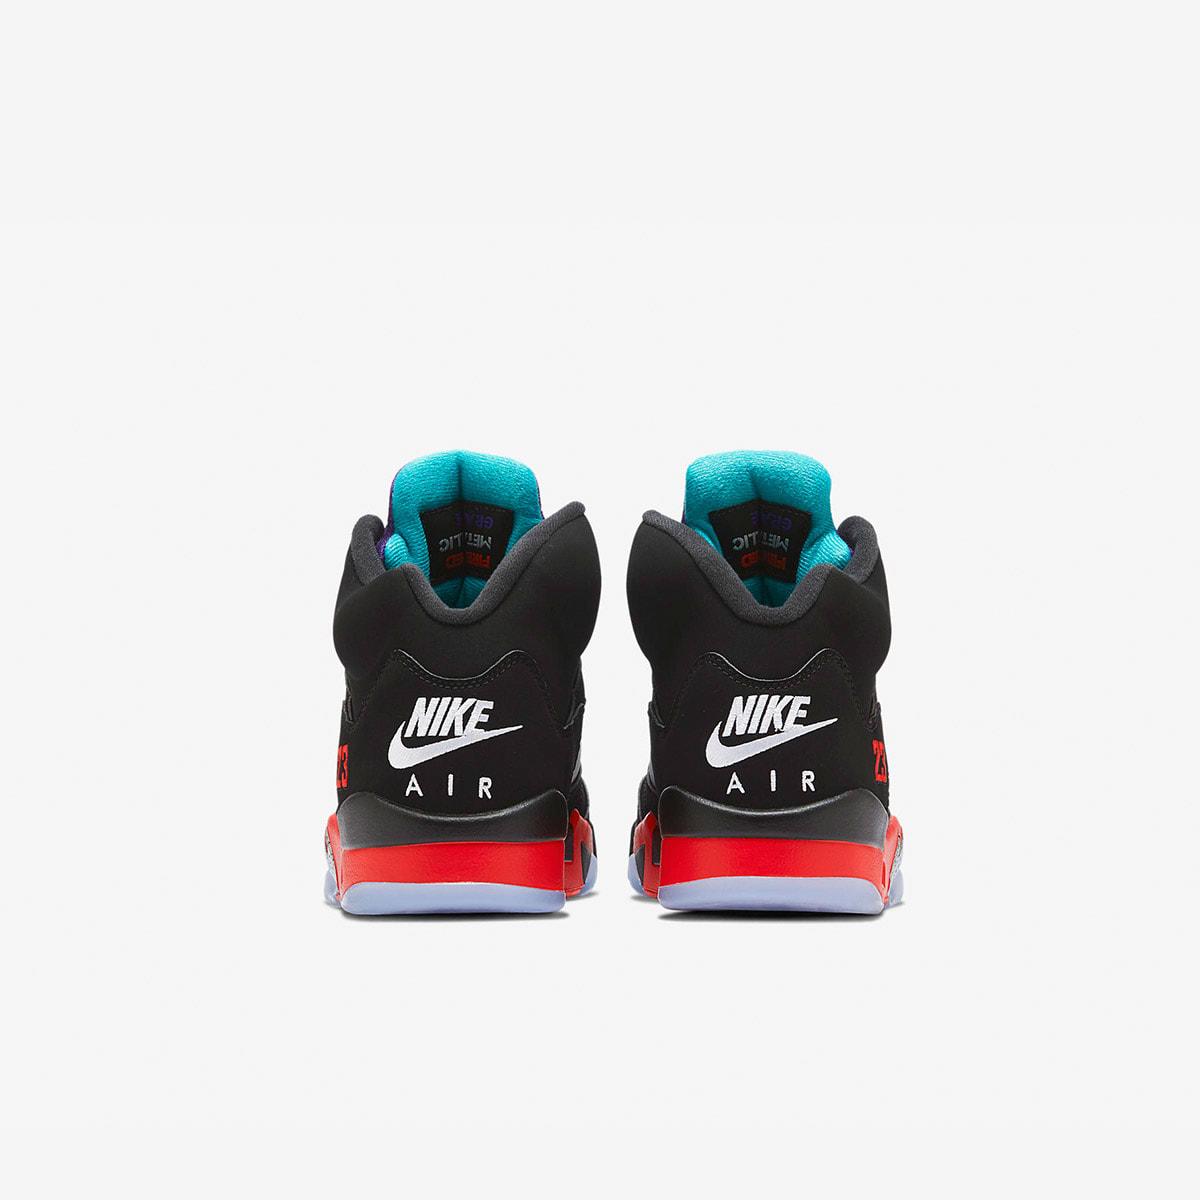 Air Jordan Retro 5 - CZ1786-001